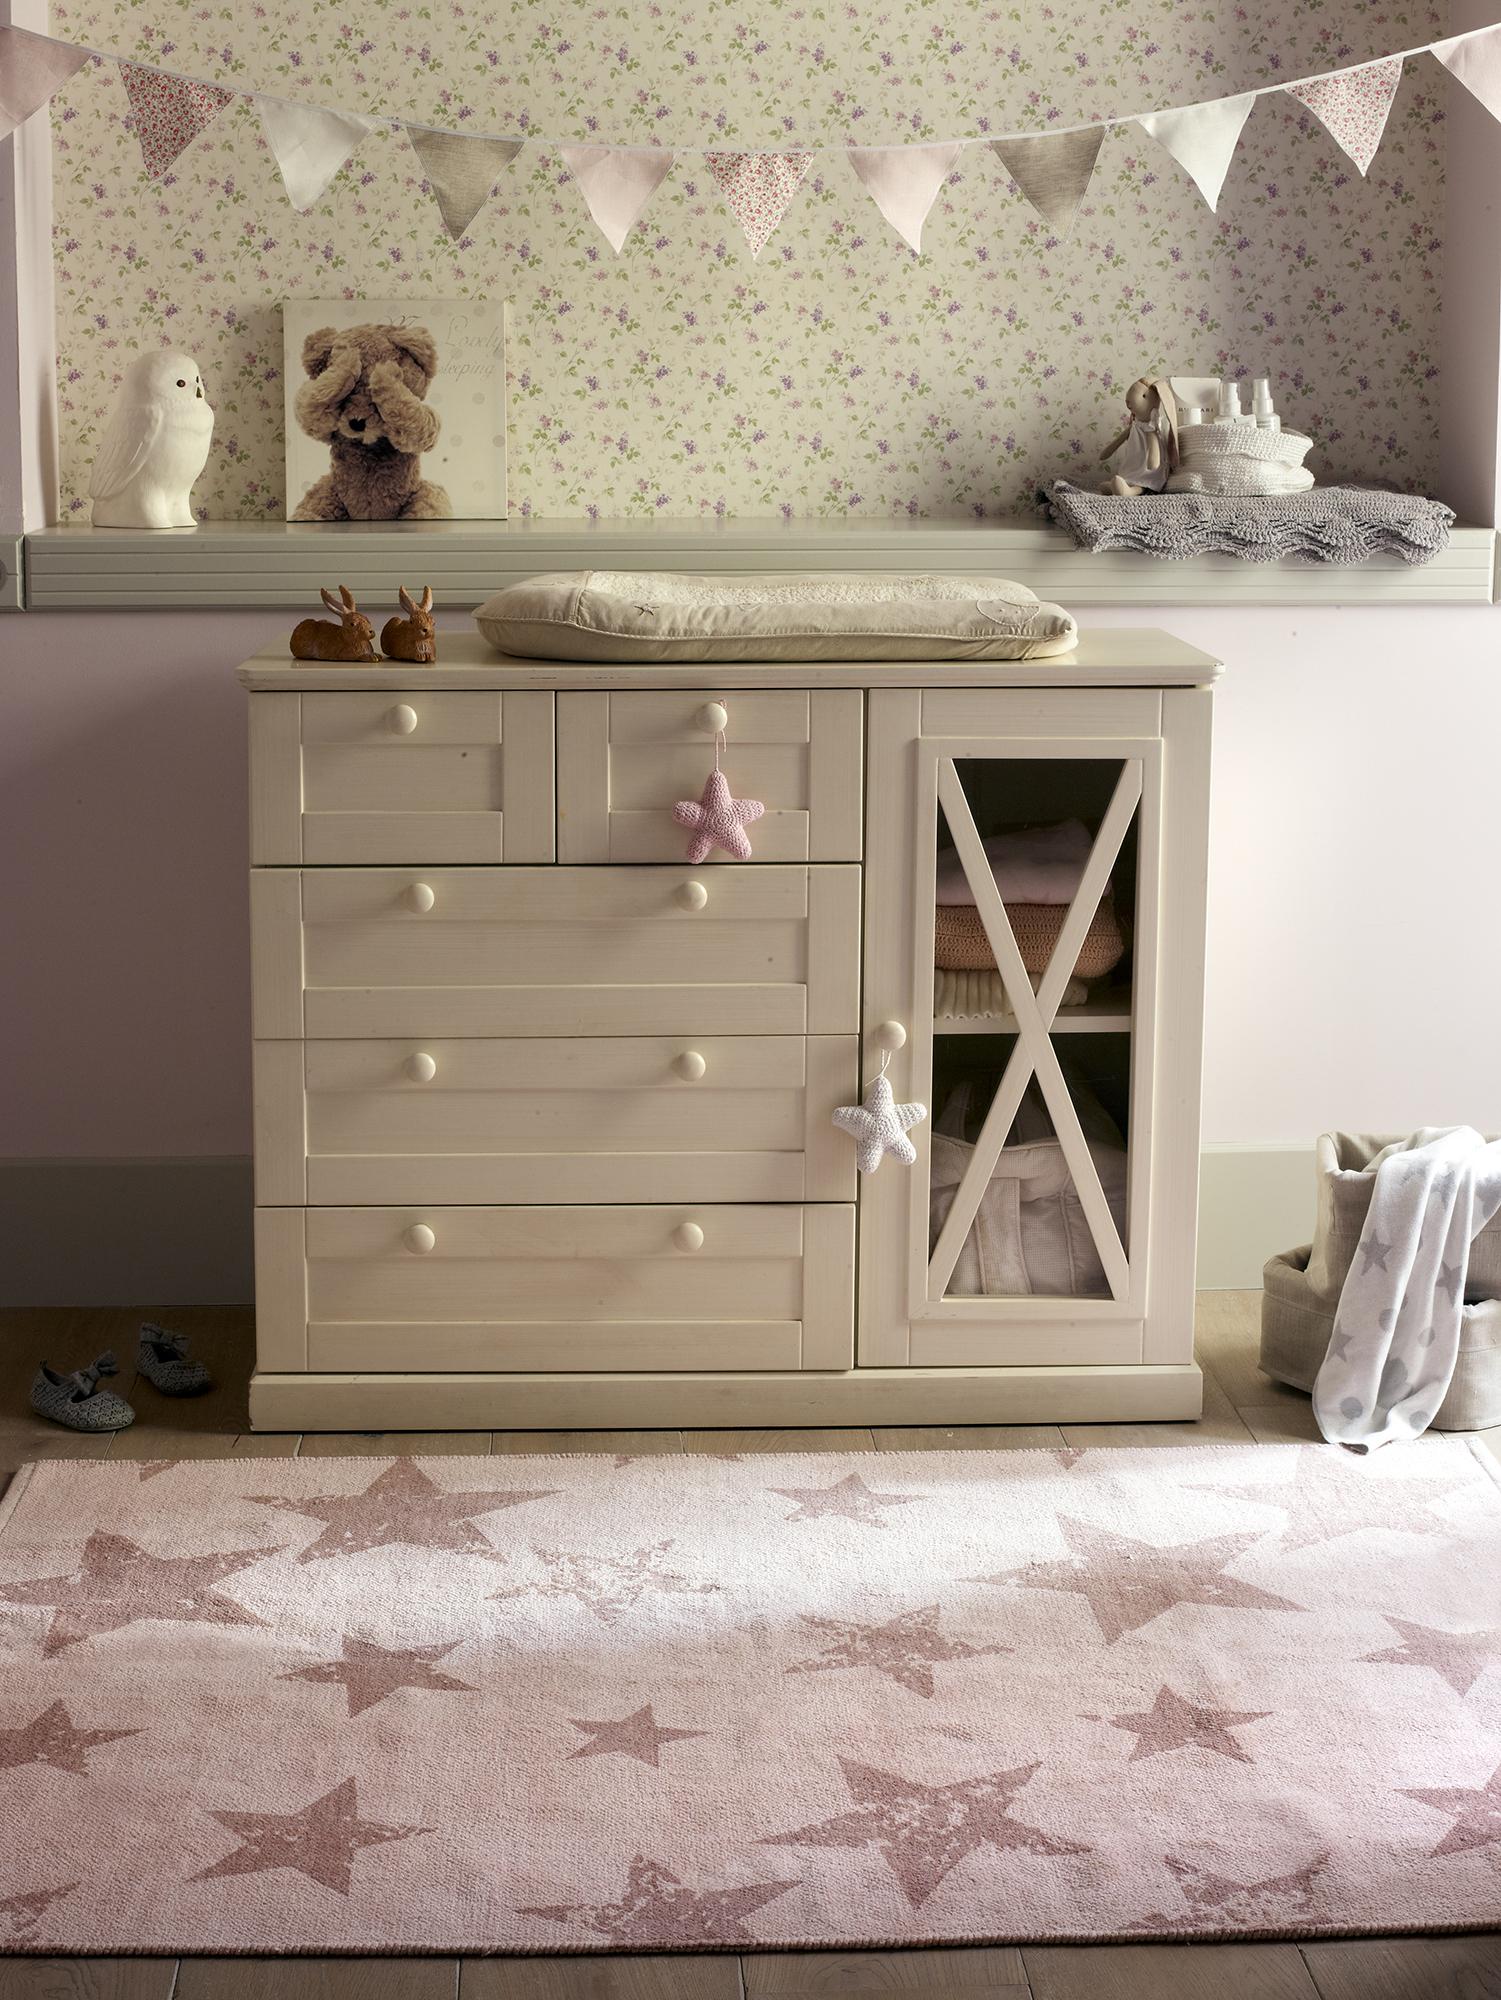 besoin d39idee deco chambre enfant tous les conseils d39un pro for peinture couleur lin et gris